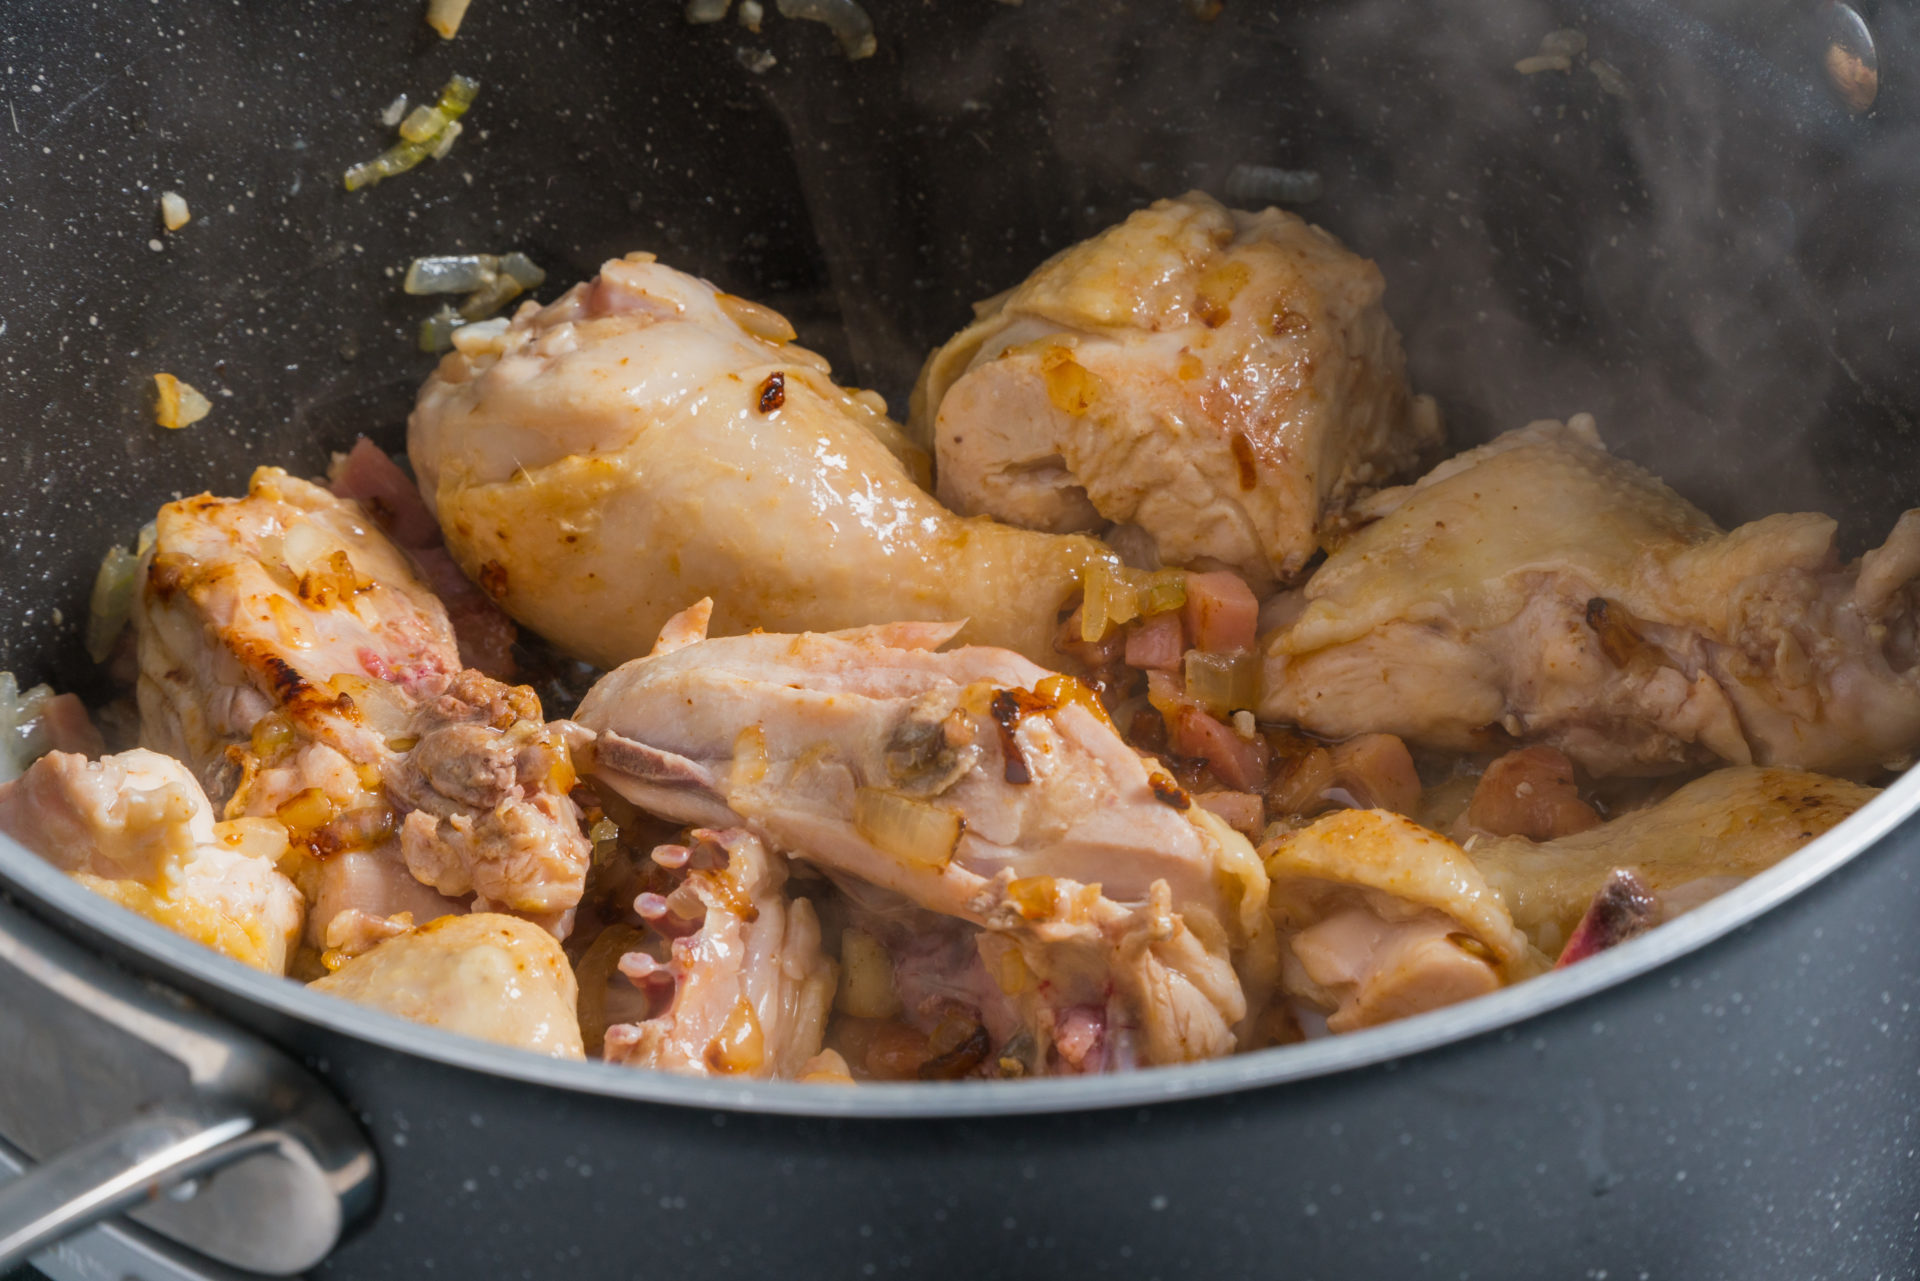 tacho com frango a estufar